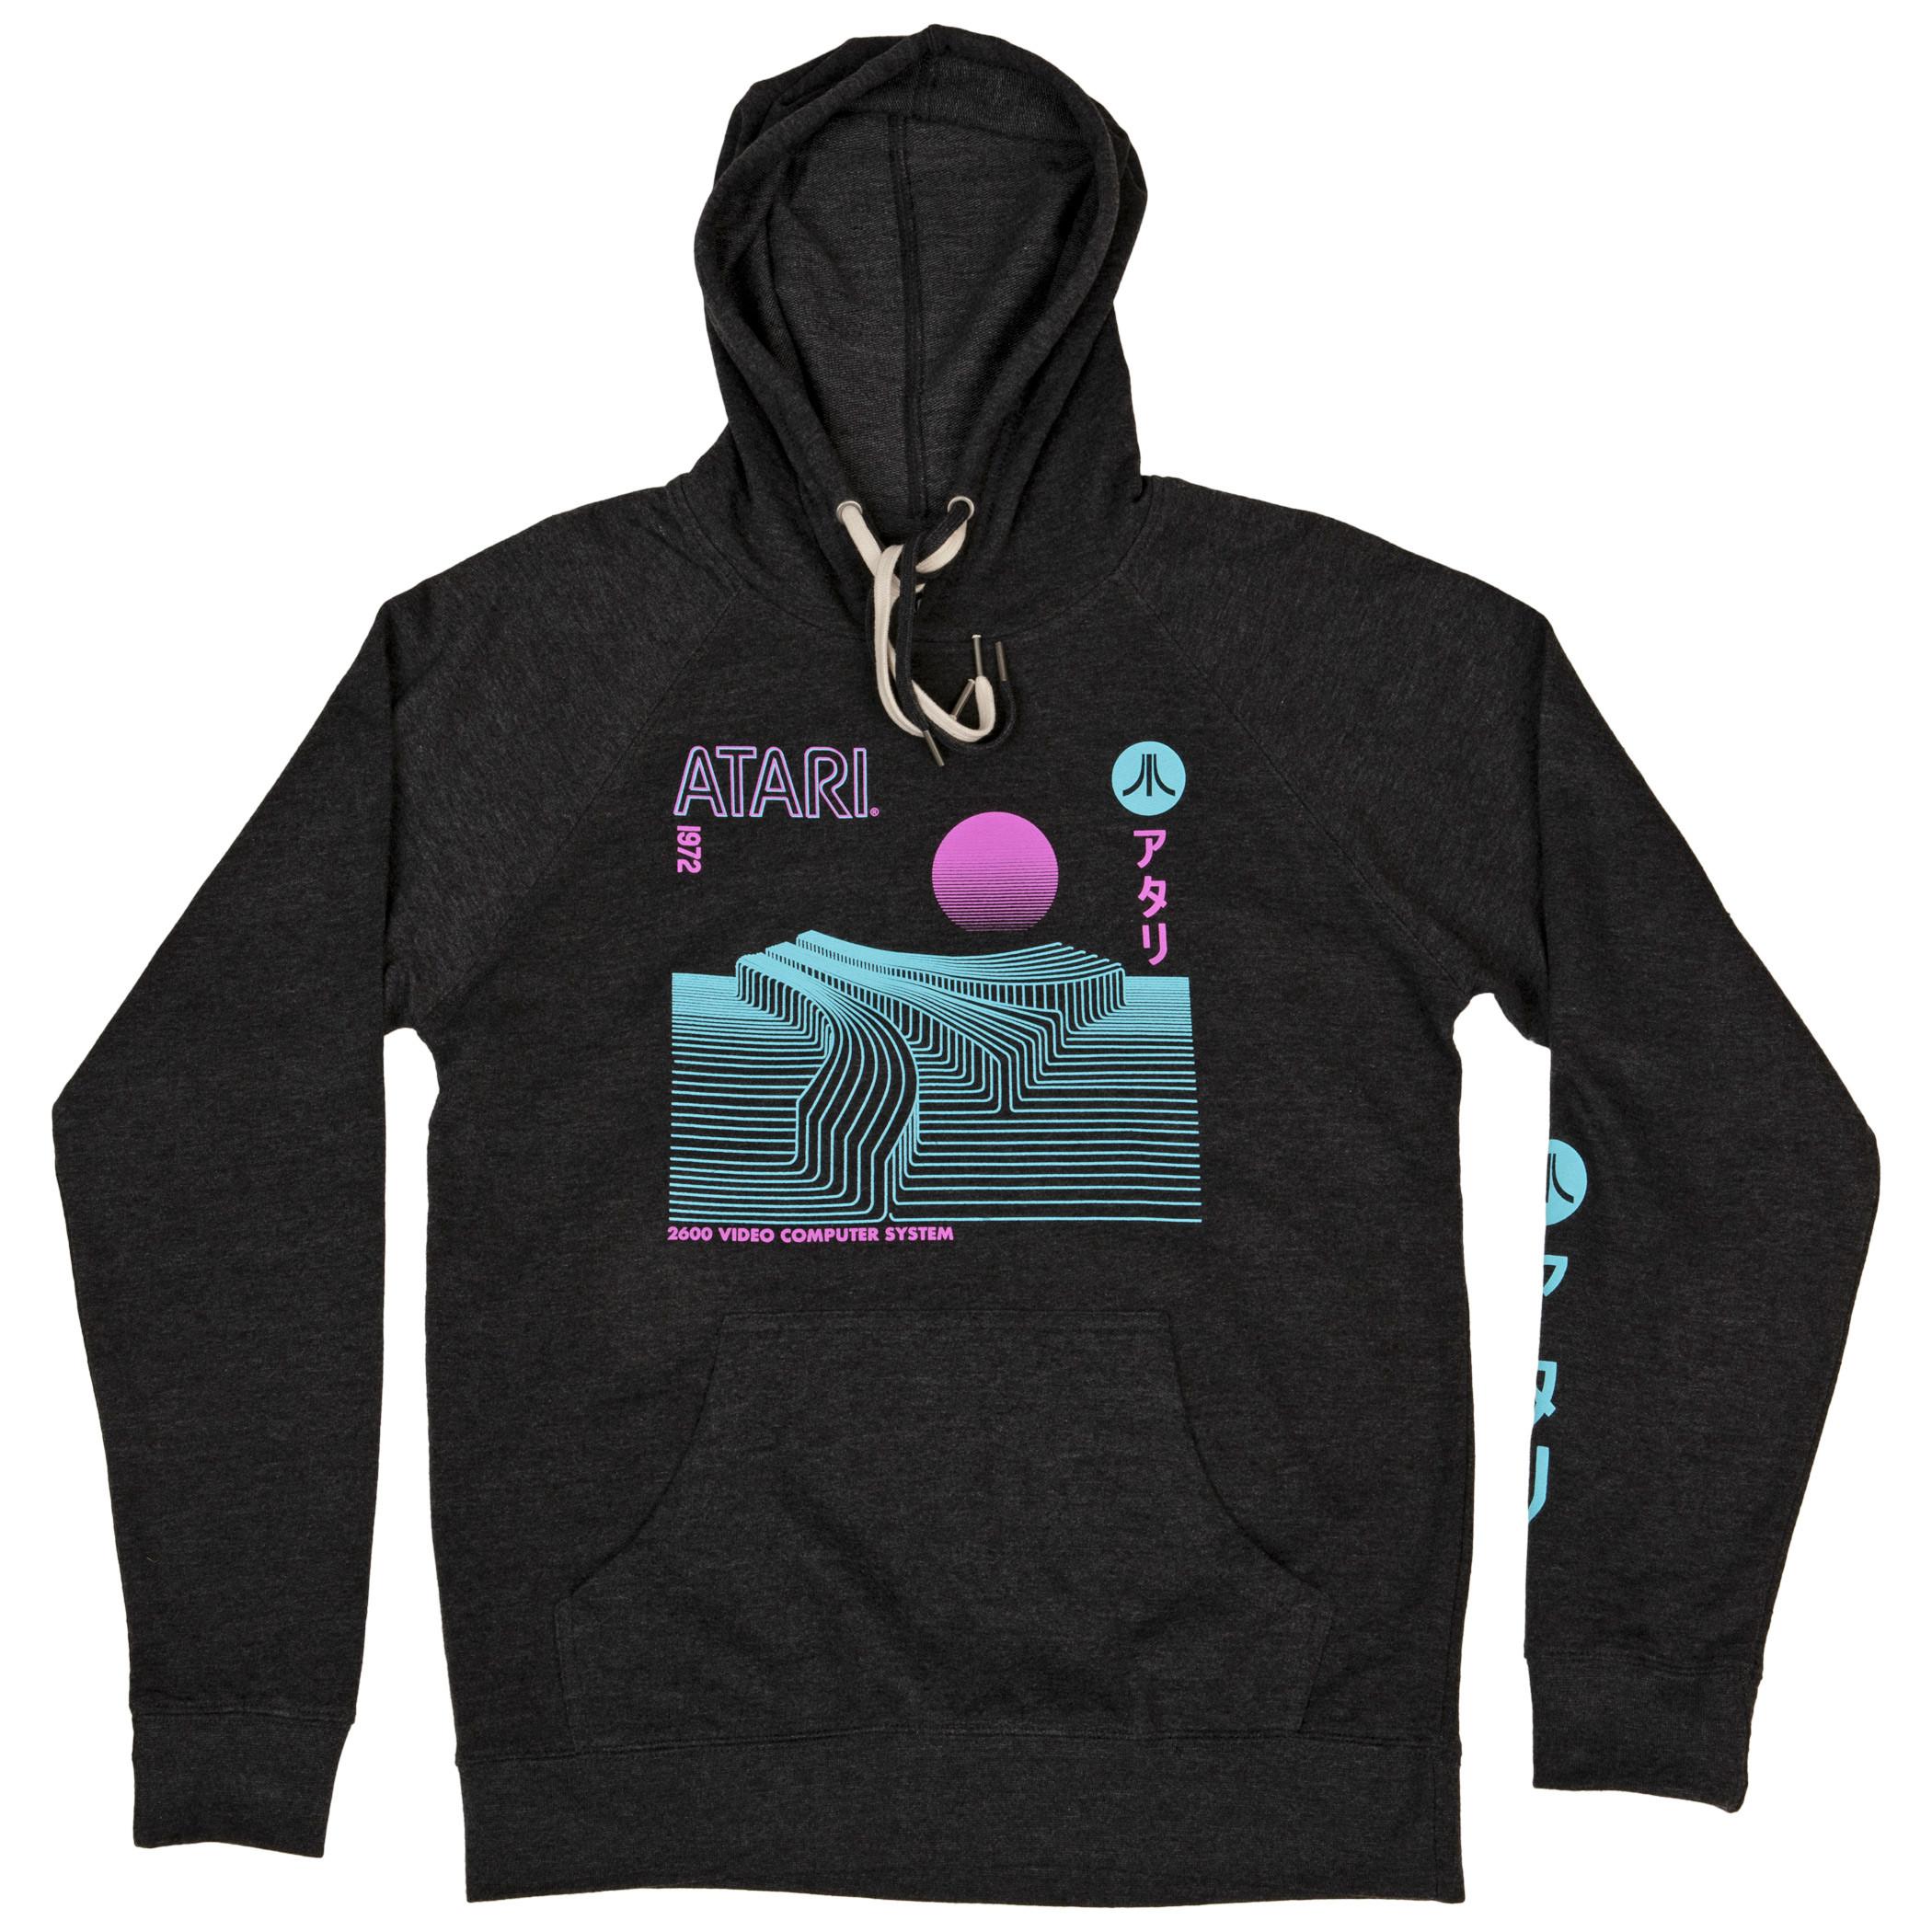 Atari Sleeve Print Hoodie